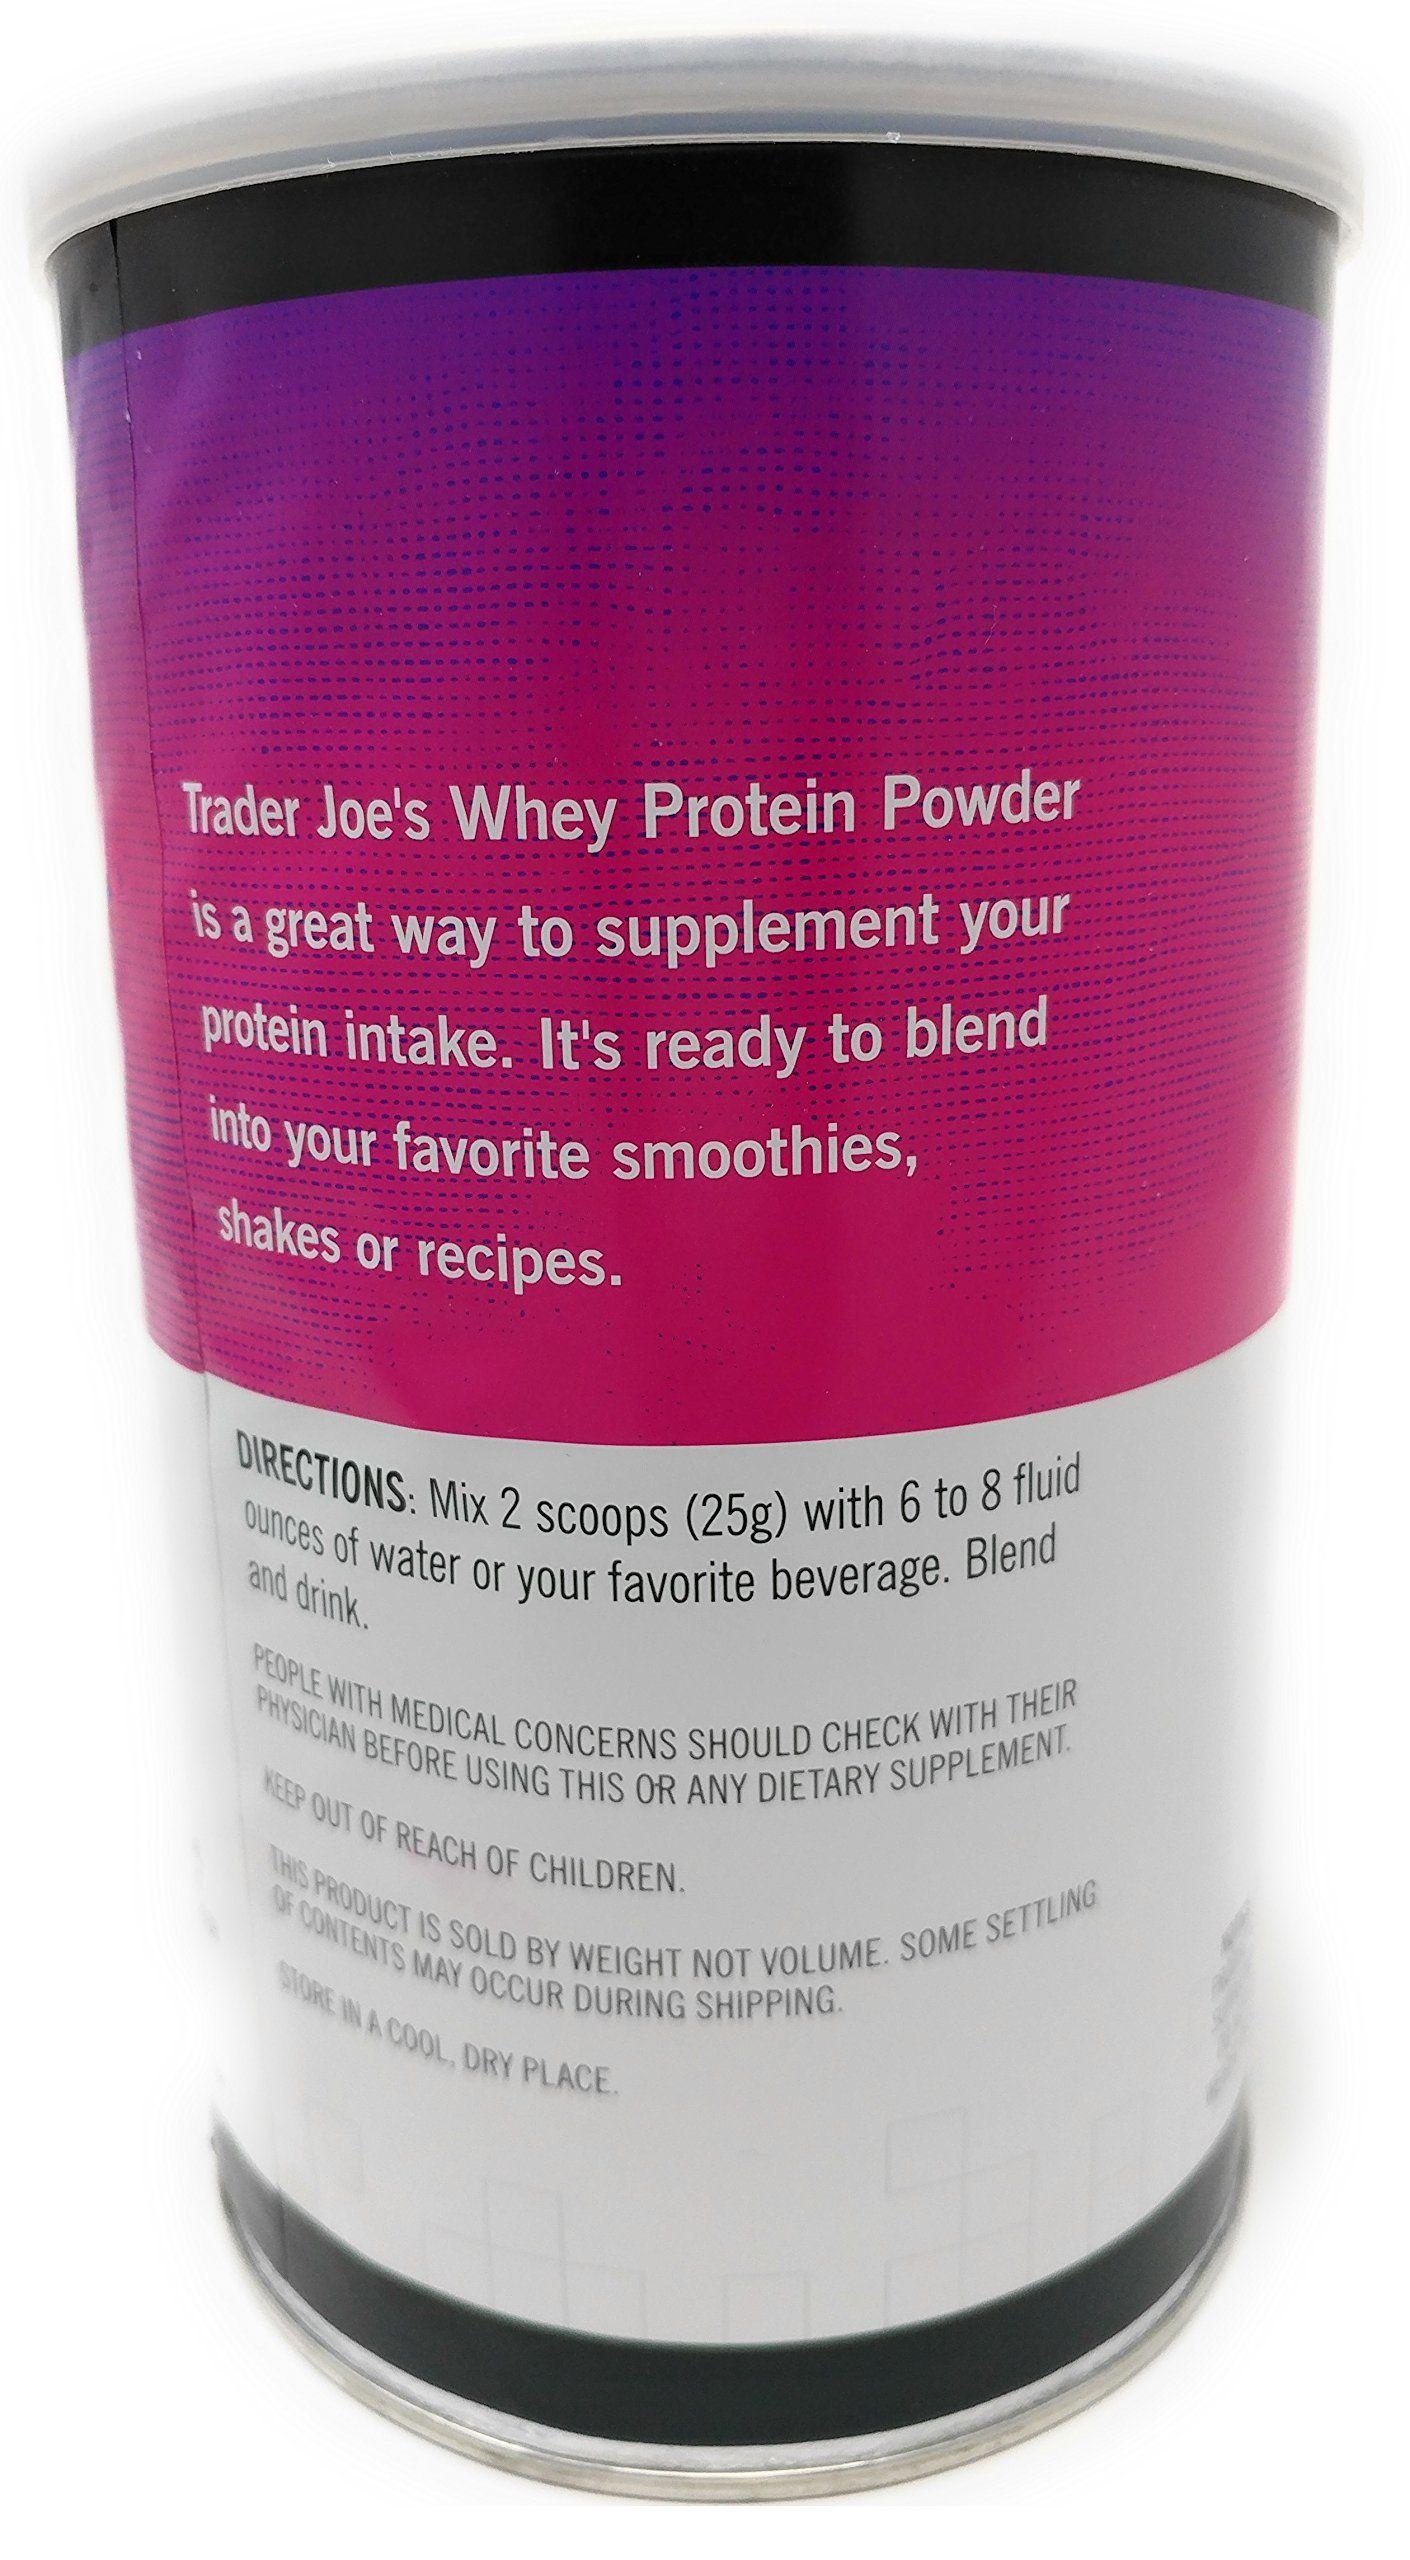 Trader Joes Whey Protein Powder Dietary Supplement Vanilla